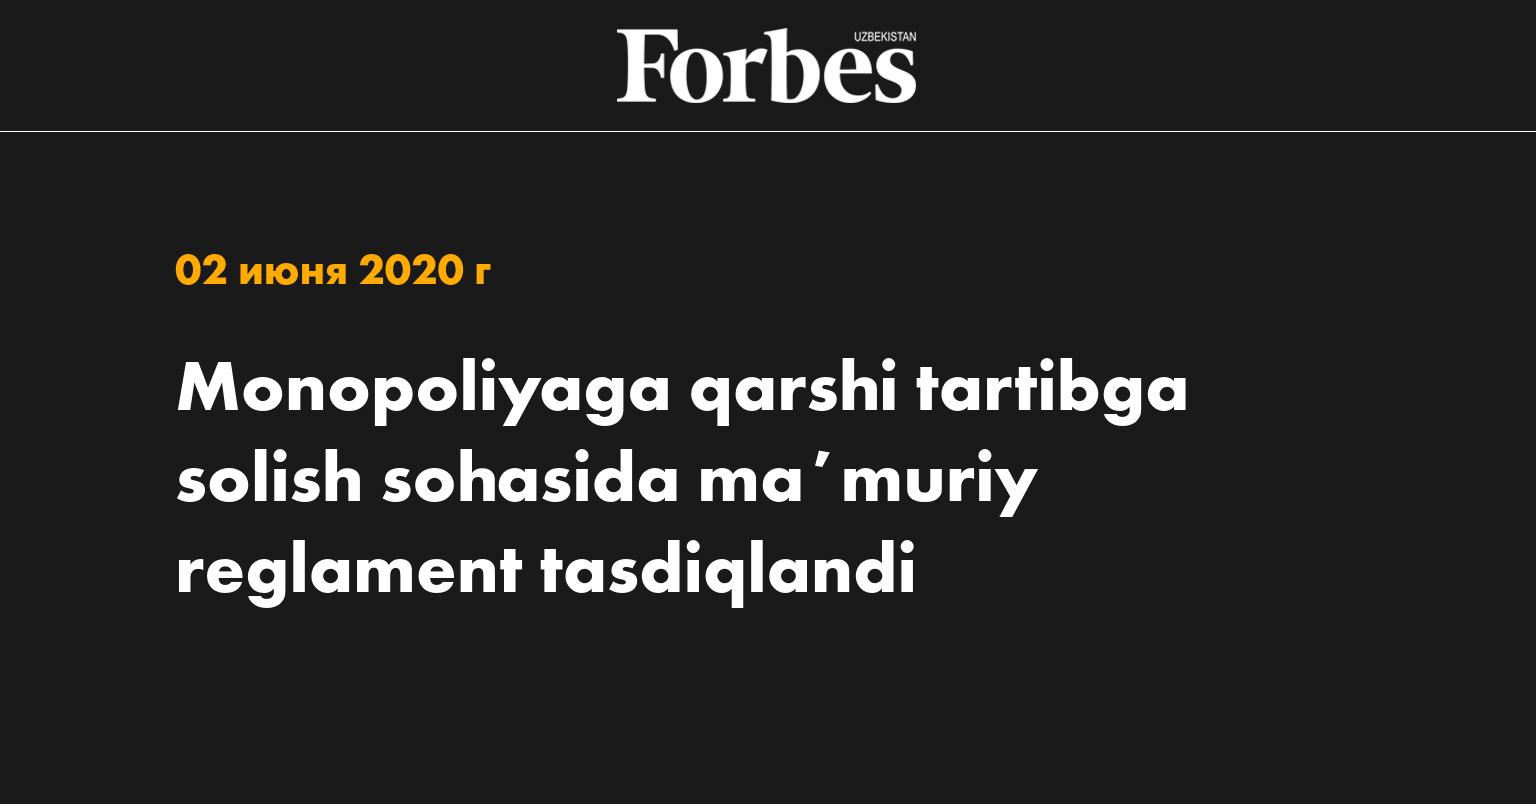 Monopoliyaga qarshi tartibga solish sohasida ma'muriy reglament tasdiqlandi